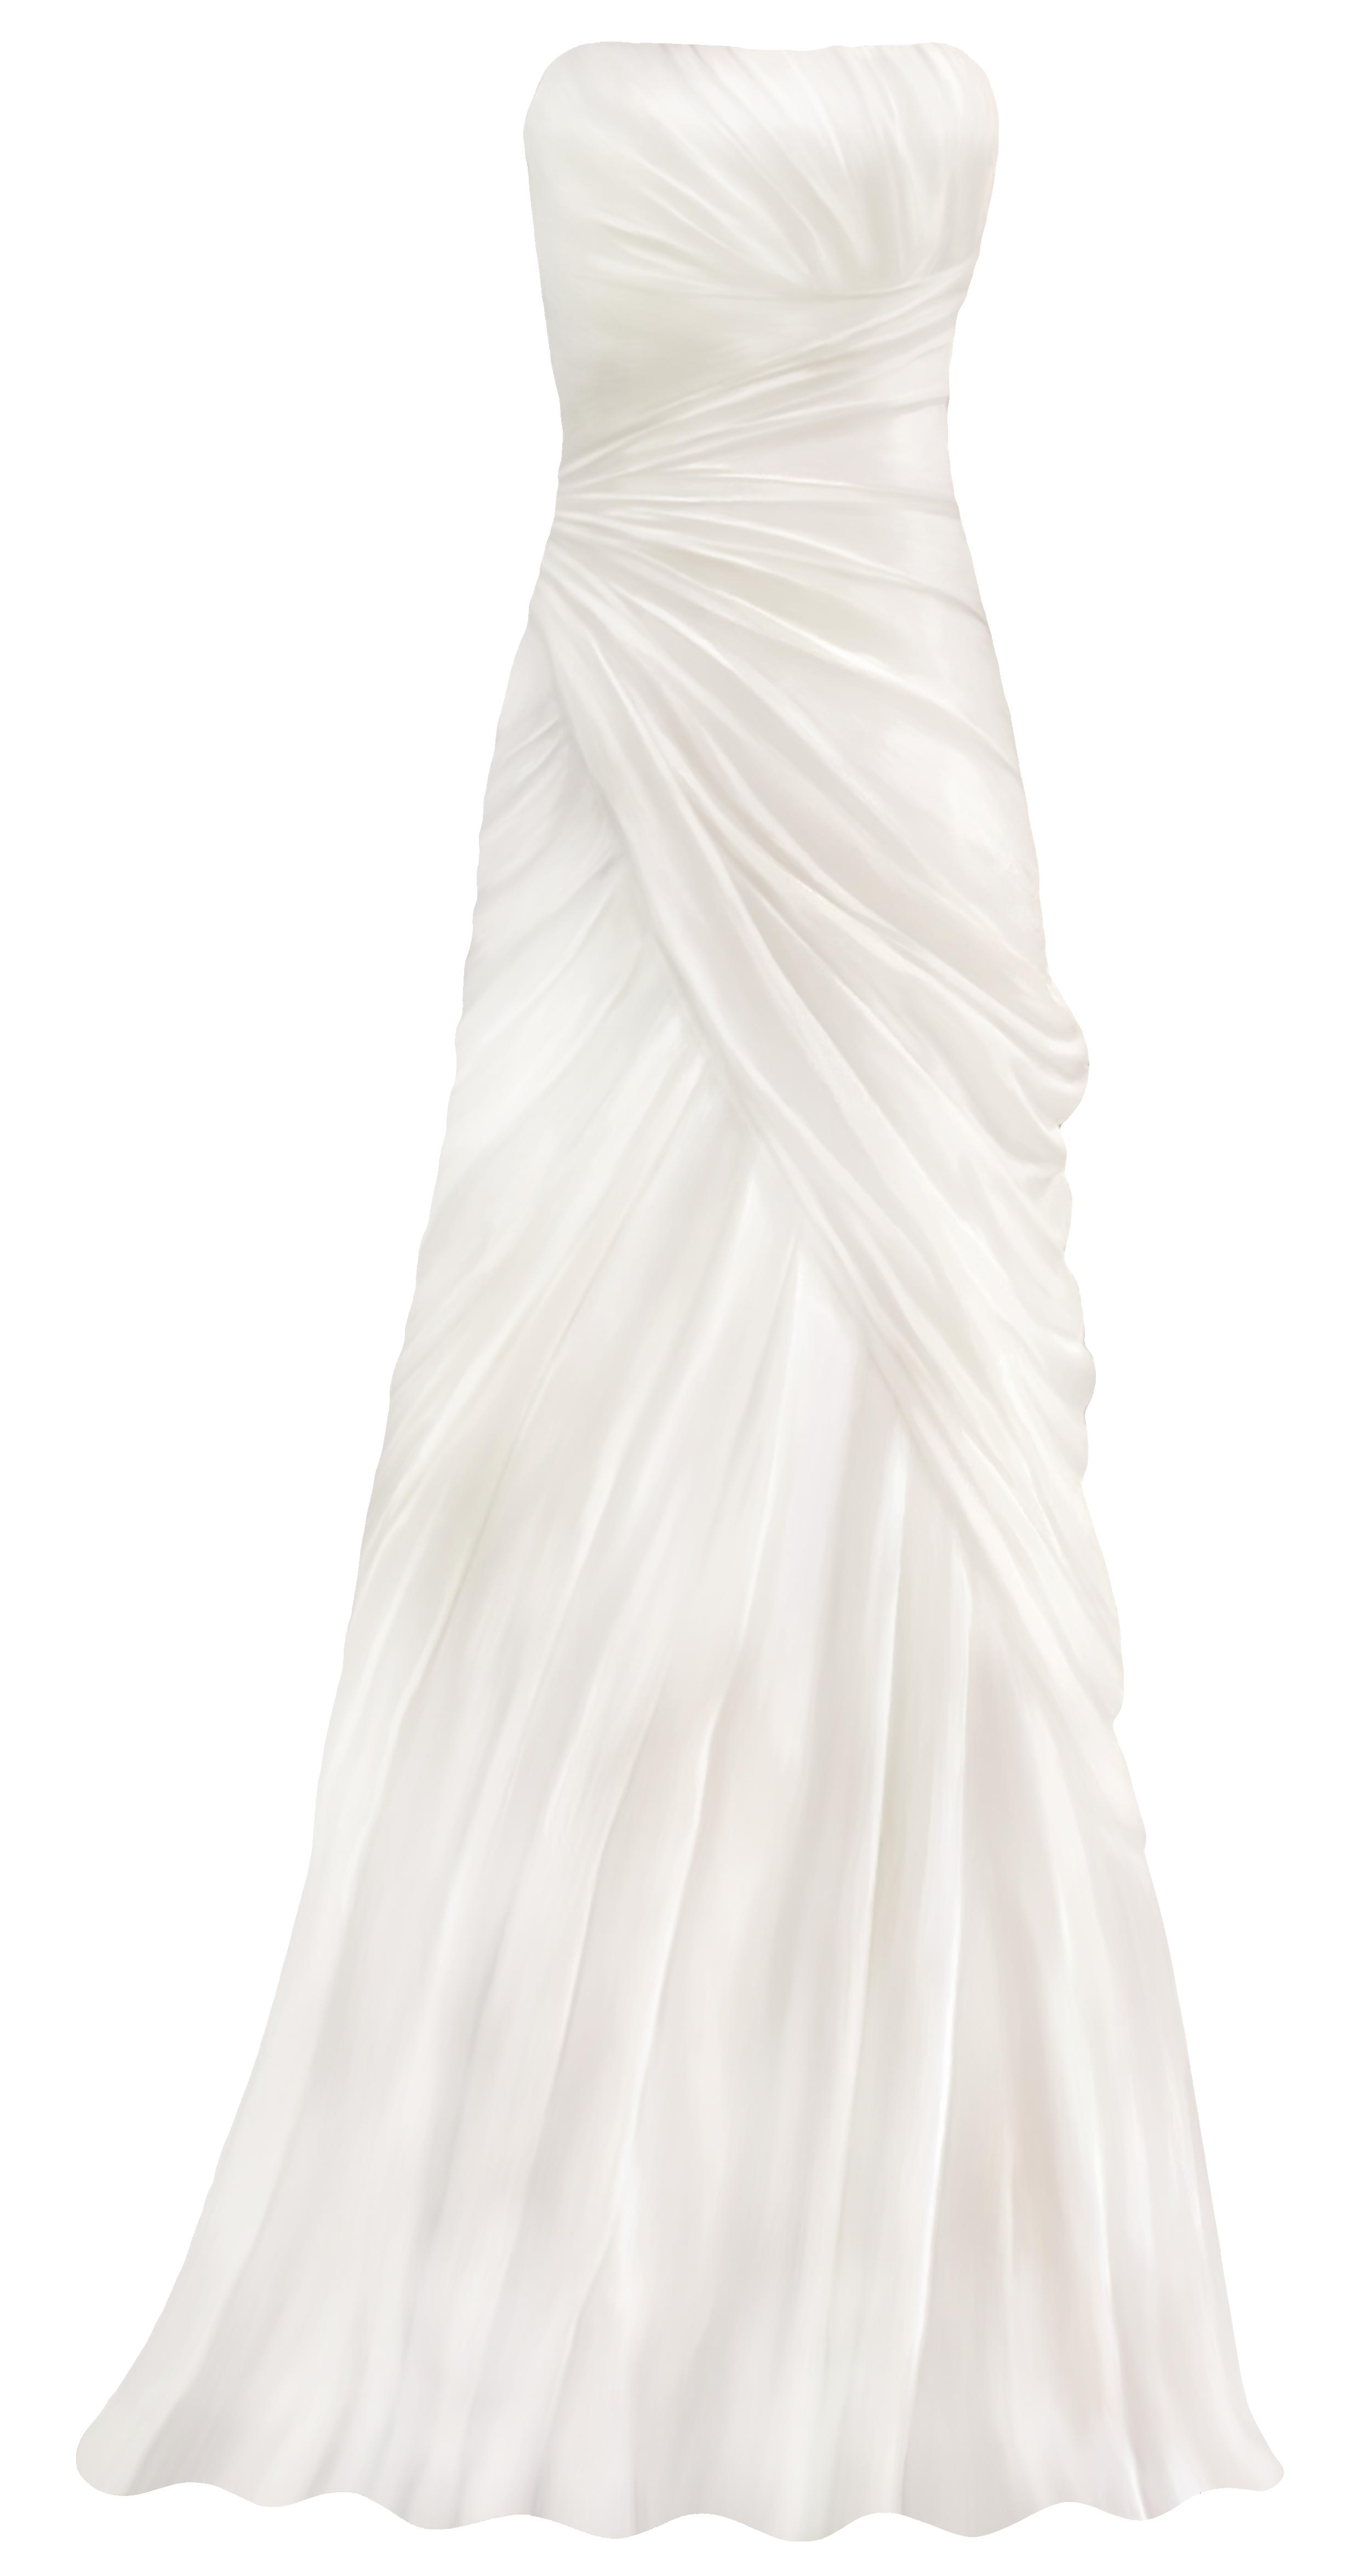 dress clipart strapless dress